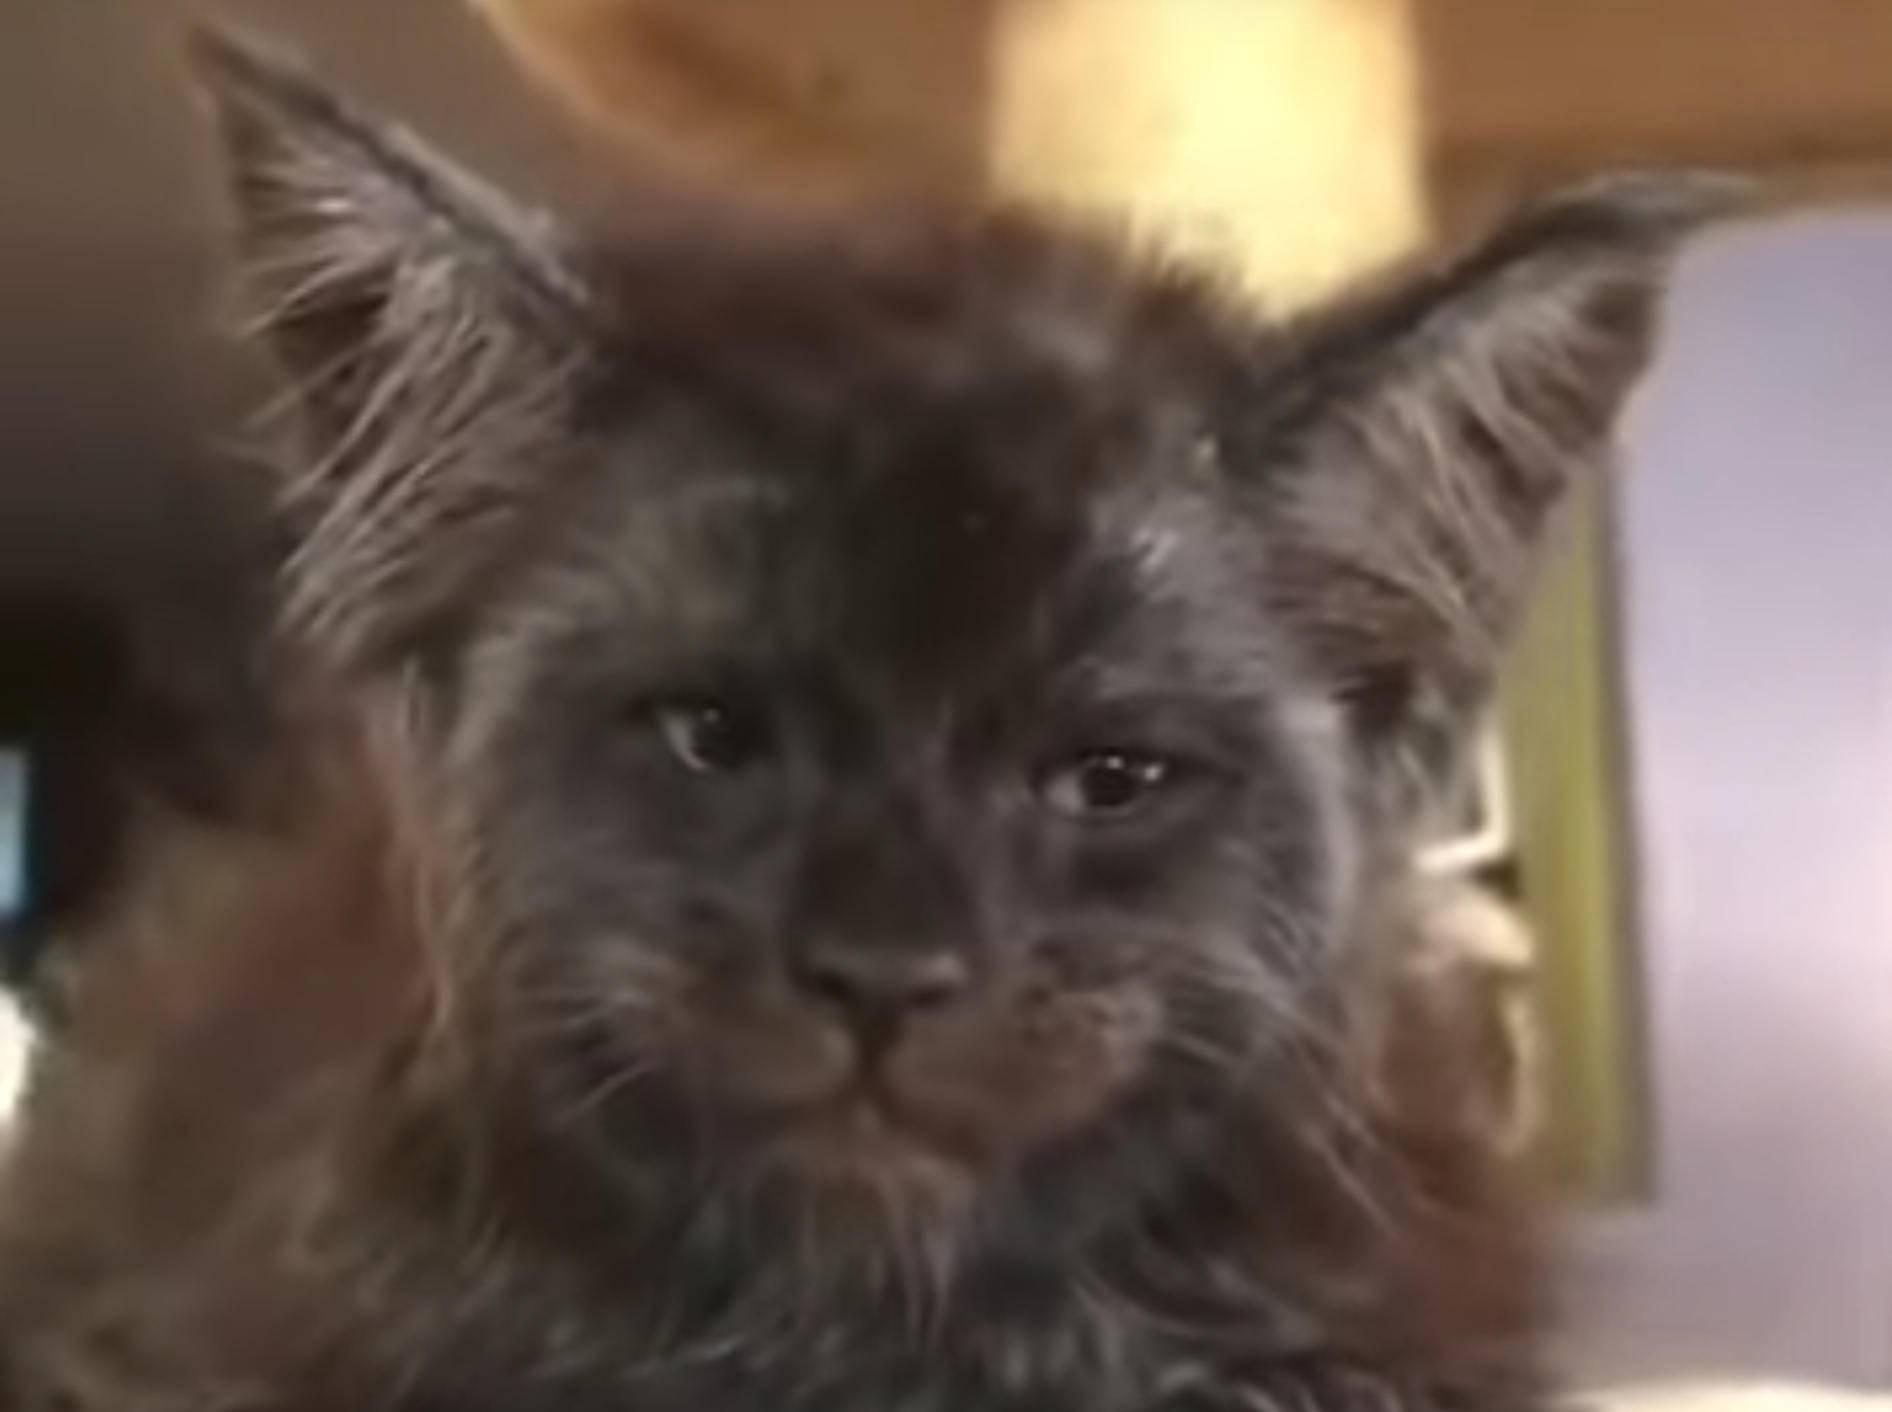 Main-Coon-Kätzchen Valkyrie hat irgendwie menschliche Züge - Bild: YouTube / Life Tricks